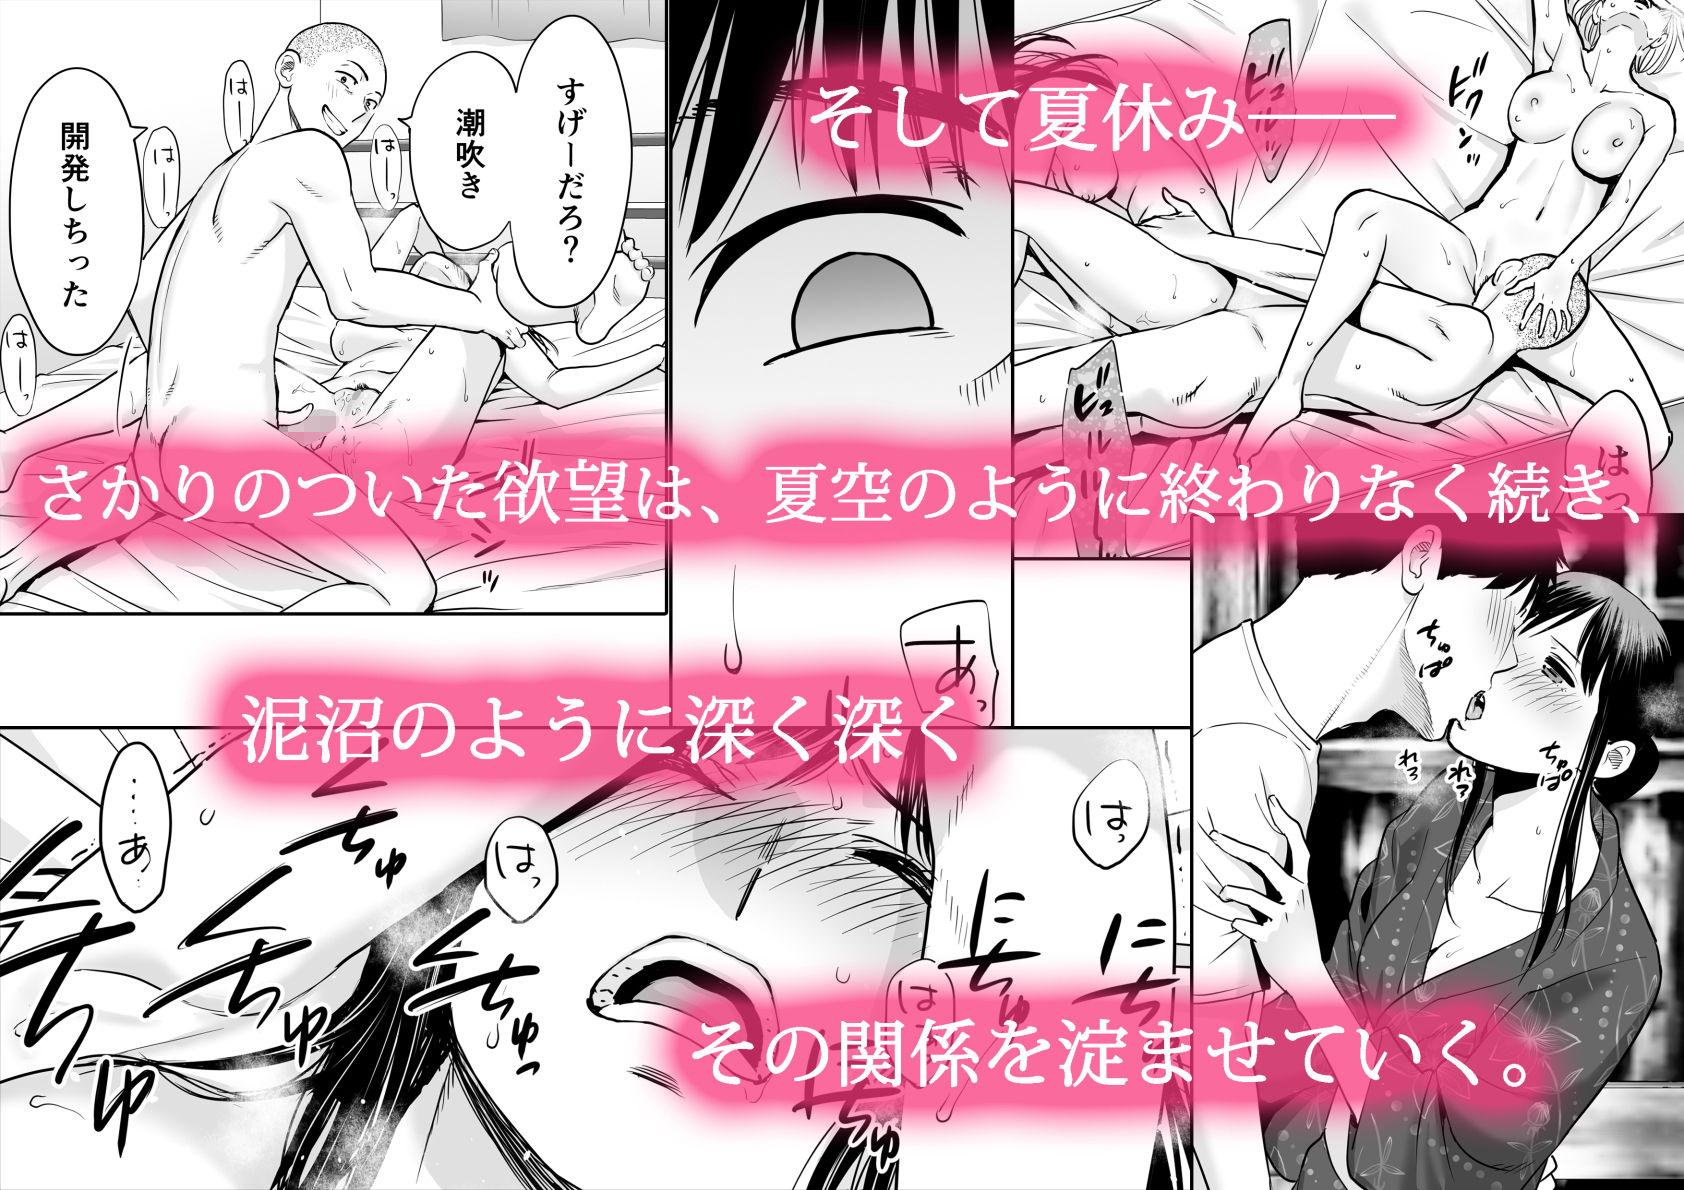 二次元 カラミざかり2 桂あいり 同人エロコミ・無料サンプル画像(スマホ対応)